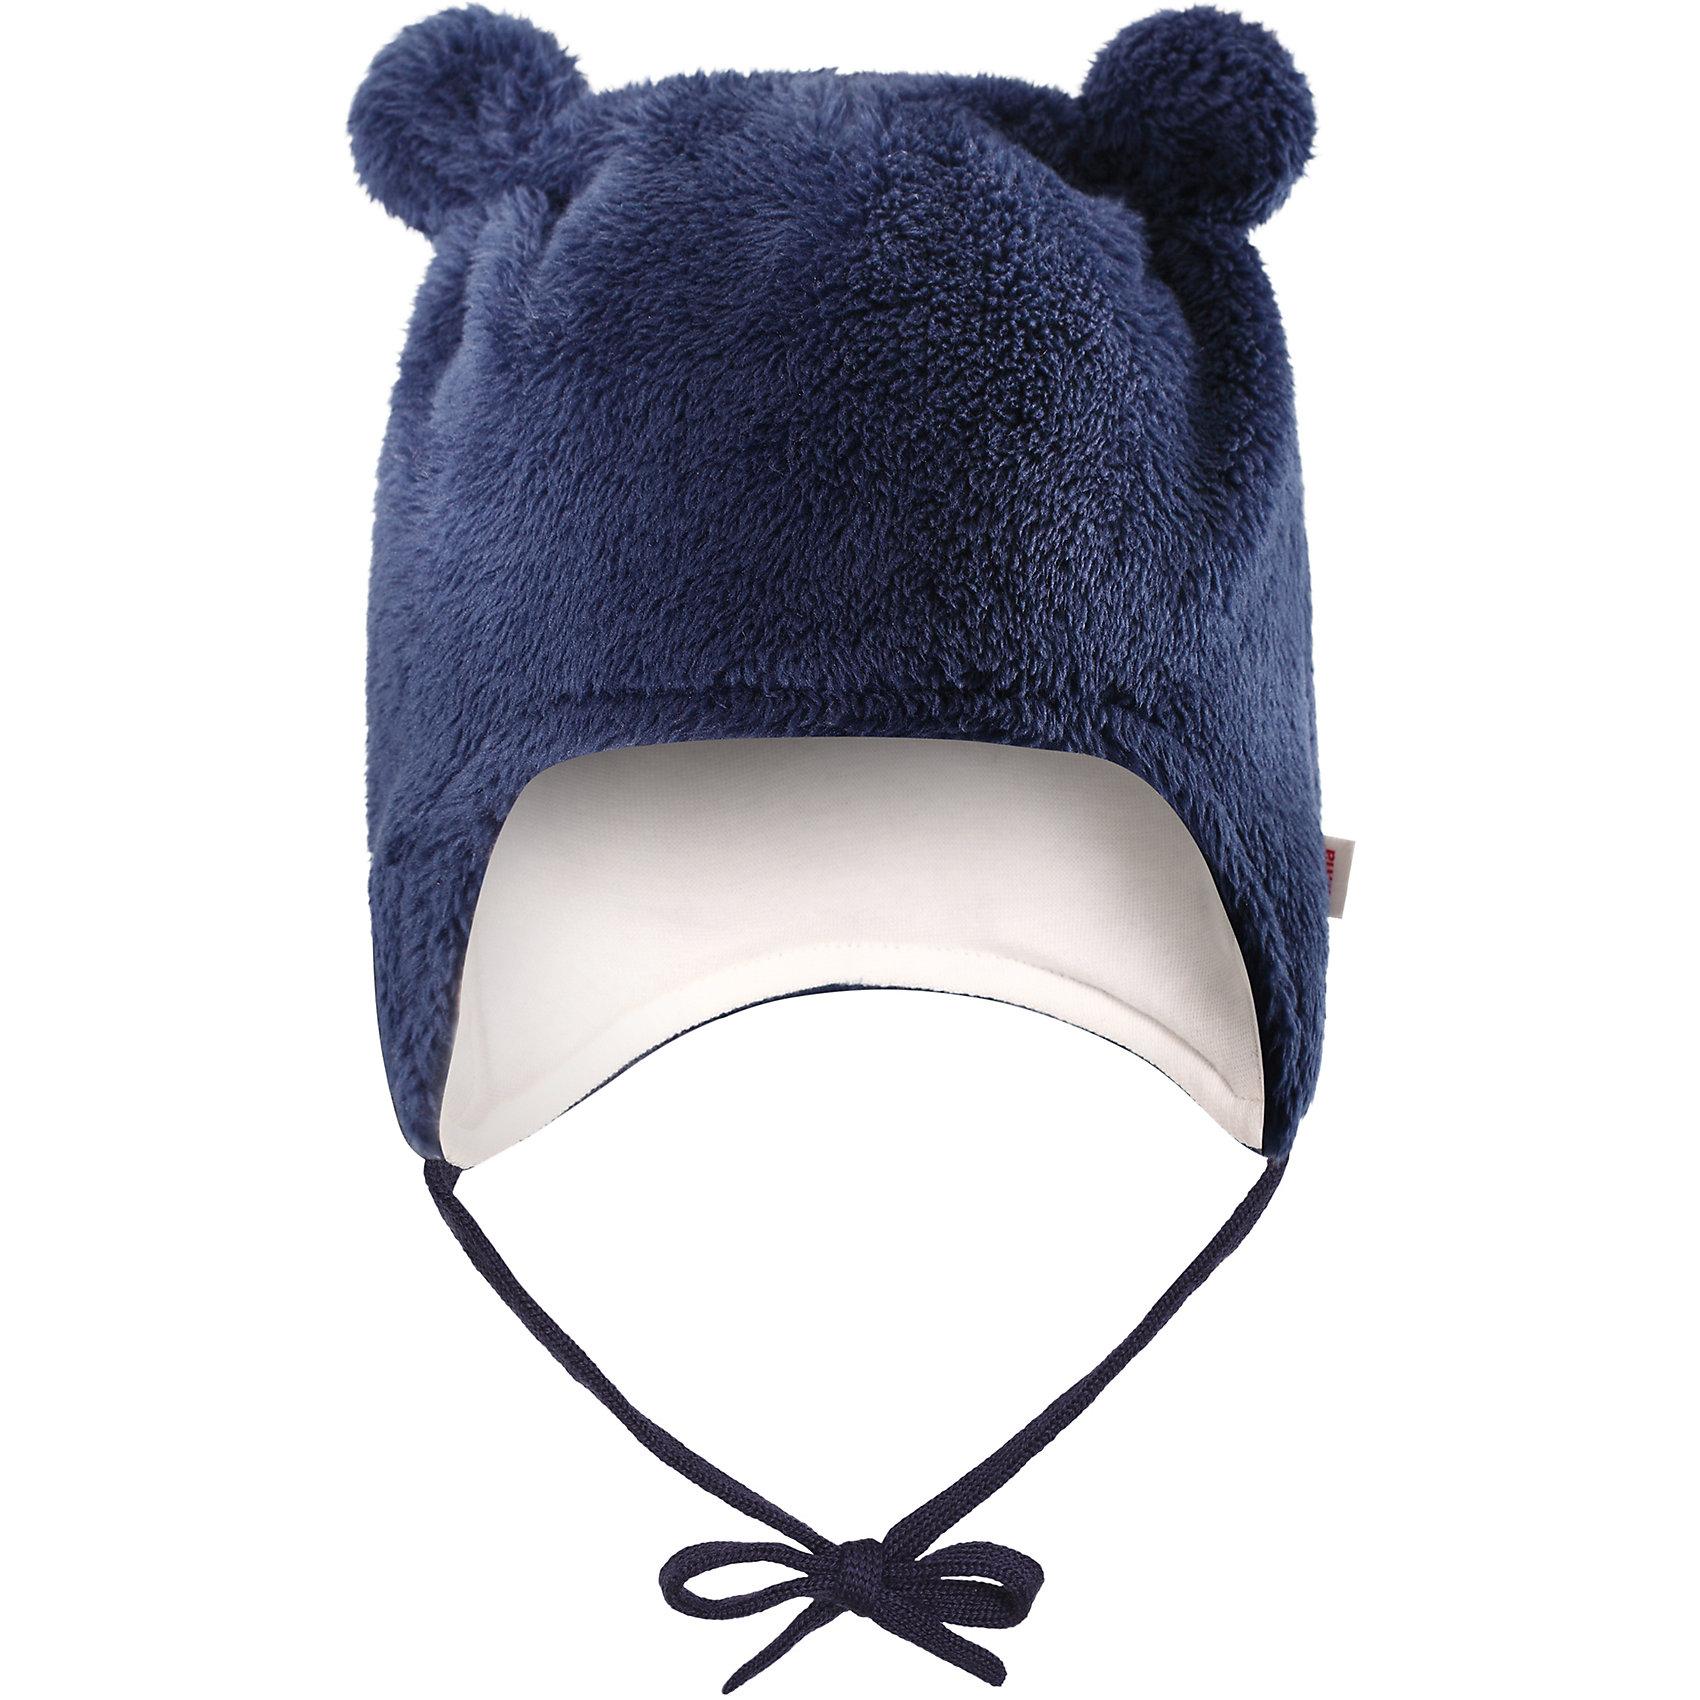 Флисовая шапка Reima LeoШапочки<br>Характеристики товара:<br><br>• цвет: темно-синий;<br>• состав: 100% полиэстер, флис;<br>• подкладка: 97% хлопок, 3% эластан;<br>• температурный режим: от 0 до -20С;<br>• сезон: зима; <br>• особенности модели: флисовая, на завязках;<br>• дышащий, теплый и быстросохнущий флис;<br>• сплошная подкладка: мягкий теплый триотаж;<br>• задние швы отсутствуют;<br>• шапка на завязках, сверху декоративные ушки;<br>• логотип Reima сбоку;<br>• страна бренда: Финляндия;<br>• страна изготовитель: Китай.<br><br>Флисовая шапка на завязках для новорожденных сшита из мягкого и пушистого ворсового флиса и снабжена симпатичной подкладкой из джерси. Флис – дышащий и быстросохнущий материал, а благодаря отсутствию заднего шва шапка идеально подойдет для чувствительной кожи младенца. Довершите образ парой симпатичных варежек Lepus.<br><br>Шапка Leo Reima от финского бренда Reima (Рейма) можно купить в нашем интернет-магазине.<br><br>Ширина мм: 89<br>Глубина мм: 117<br>Высота мм: 44<br>Вес г: 155<br>Цвет: синий<br>Возраст от месяцев: 6<br>Возраст до месяцев: 9<br>Пол: Унисекс<br>Возраст: Детский<br>Размер: 42-44,34-36,38-40<br>SKU: 6908826